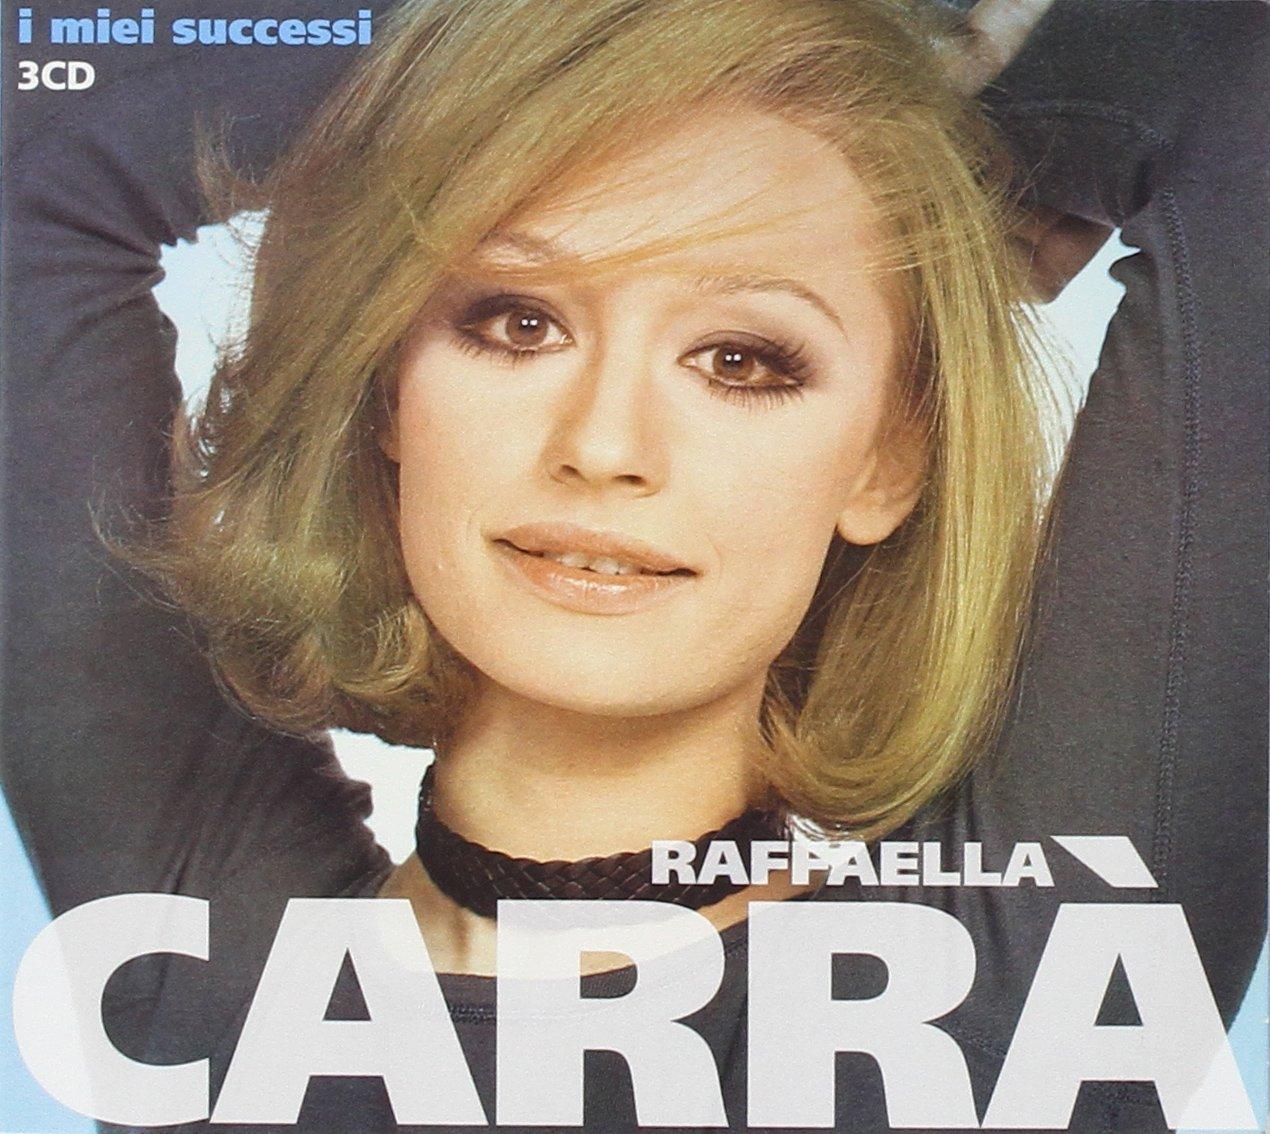 Raffaella carra i miei successi raffaella carra amazon it musica